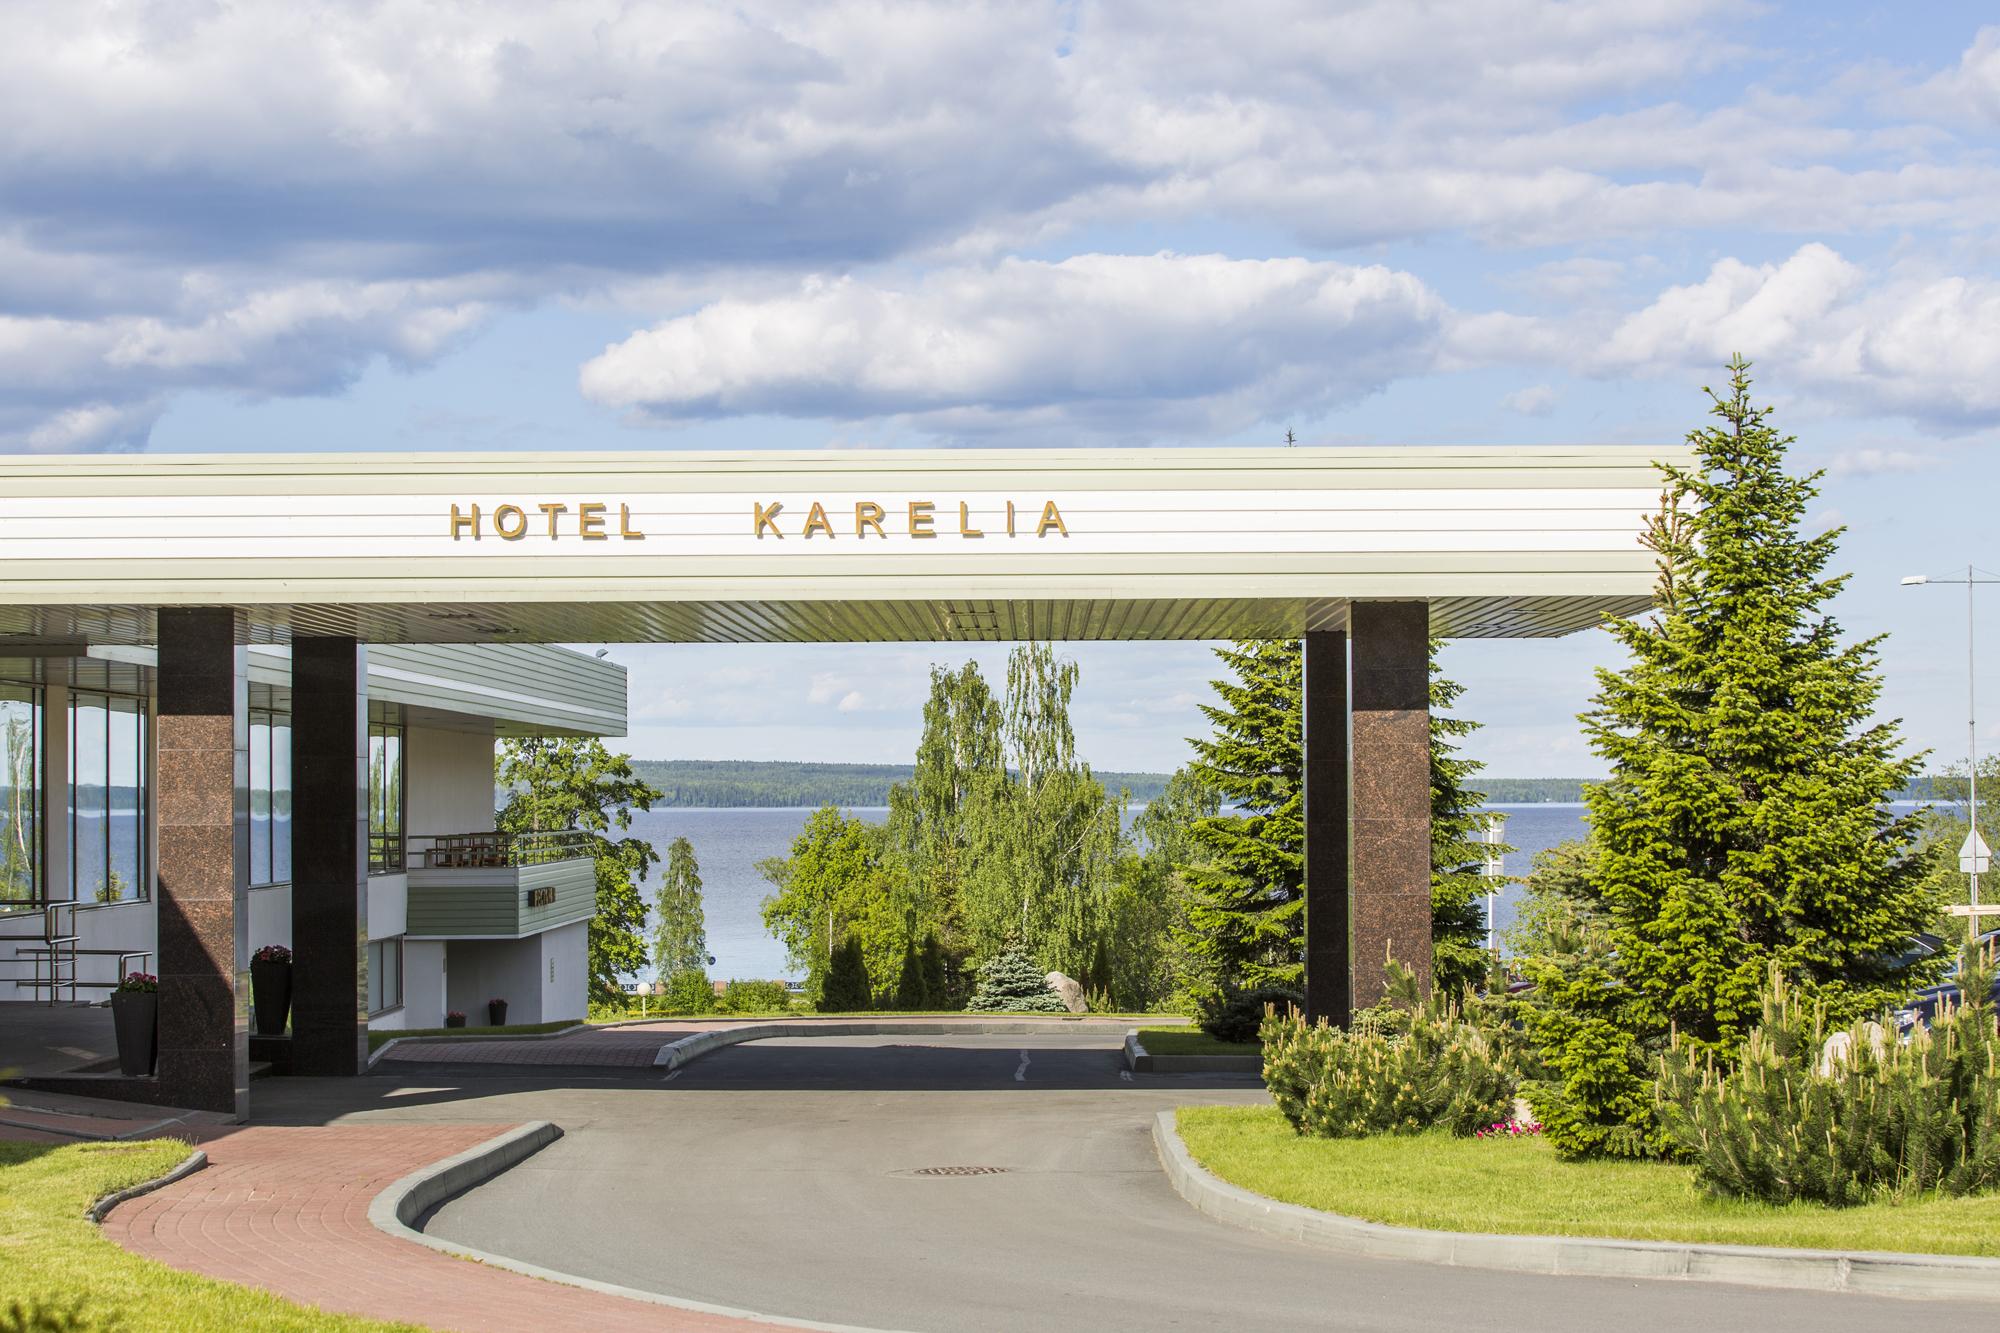 Главный вход в отель Карелия